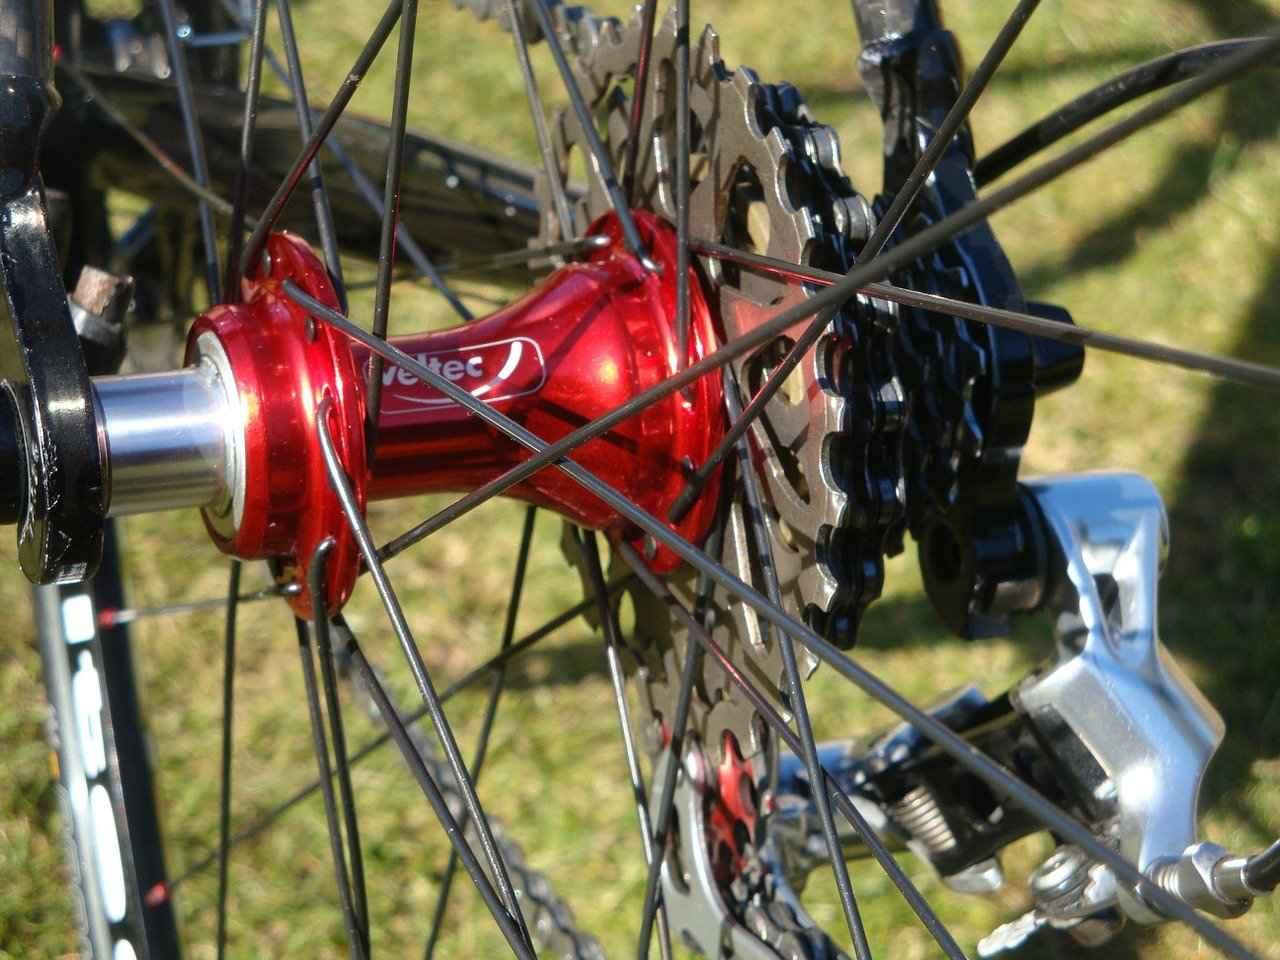 2:ロードバイクのラチェット音を減らす方法